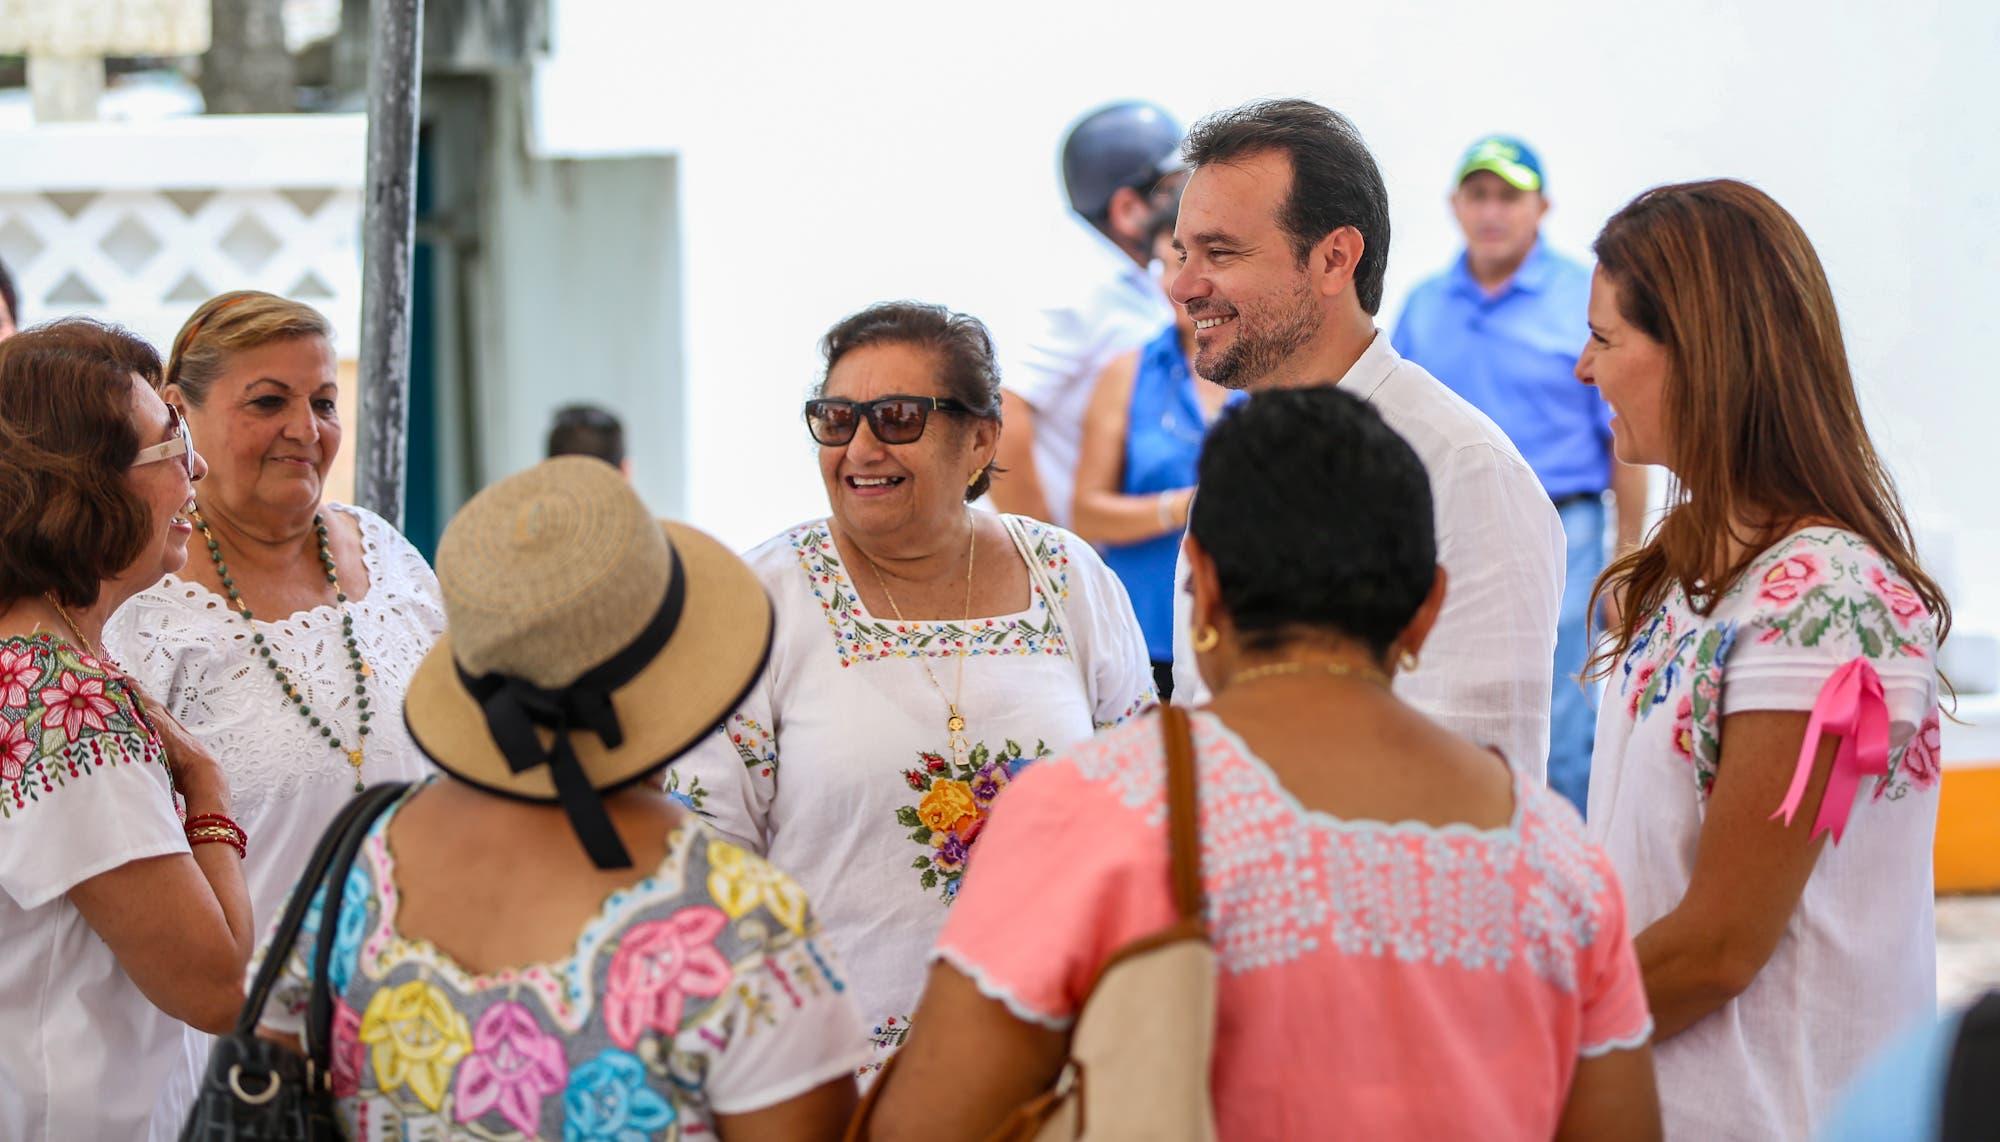 De la mano, Pedro Joaquín y Mary Mar Abad de Joaquín trabajan por las personas que más lo necesitan